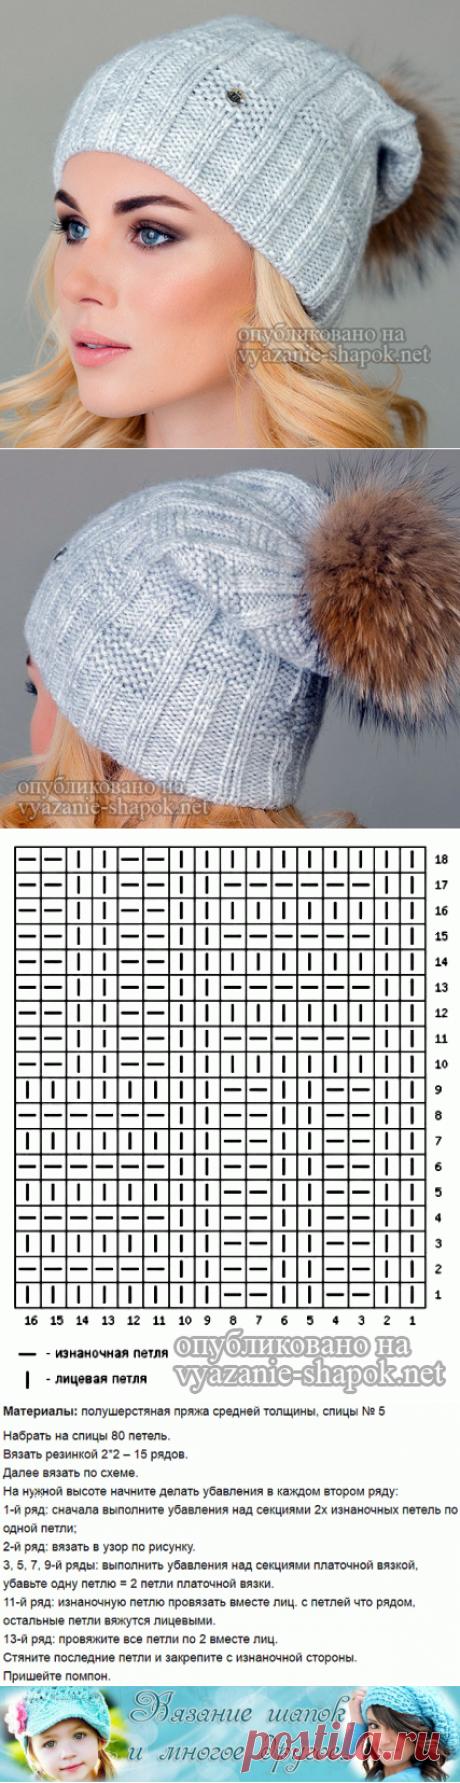 Шапка спицами для женщин с описанием 2018 зима | Вязание Шапок - Модные и Новые Модели